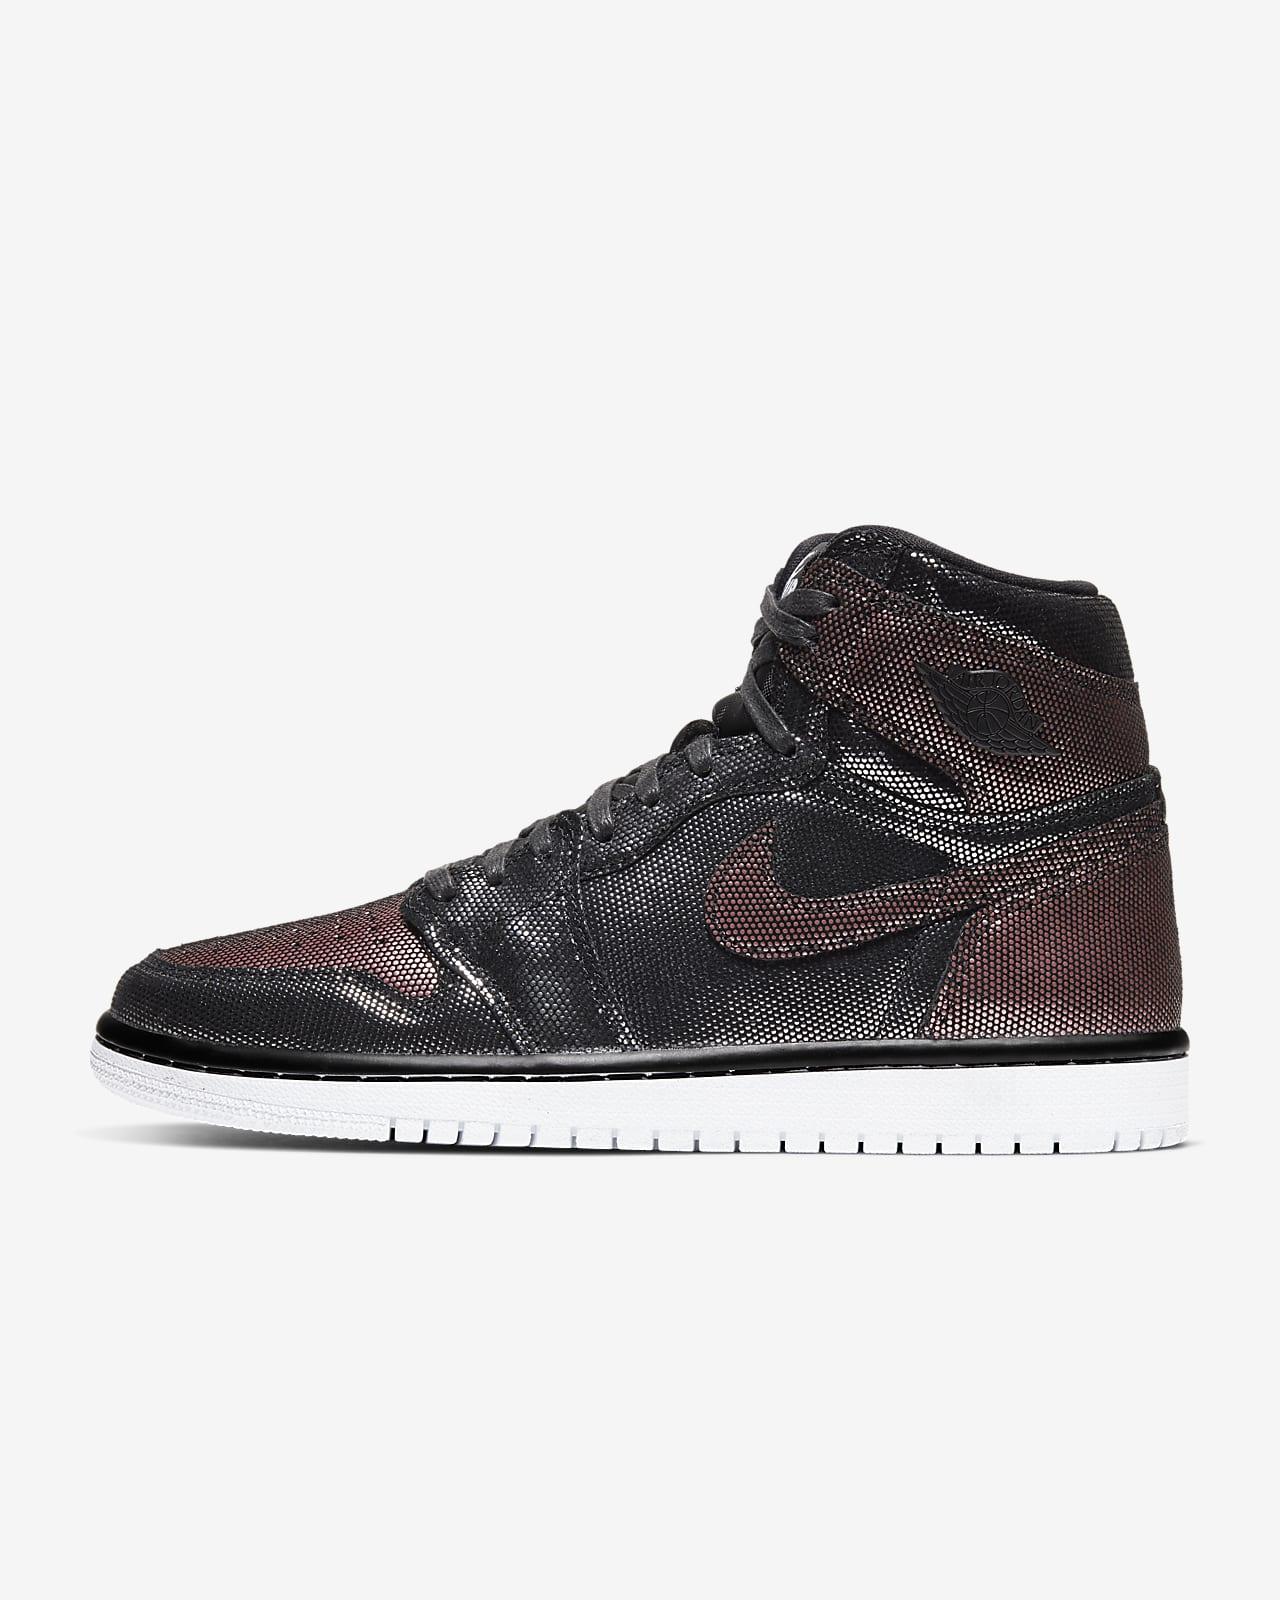 Air Jordan 1 Hi OG Fearless-sko til kvinder